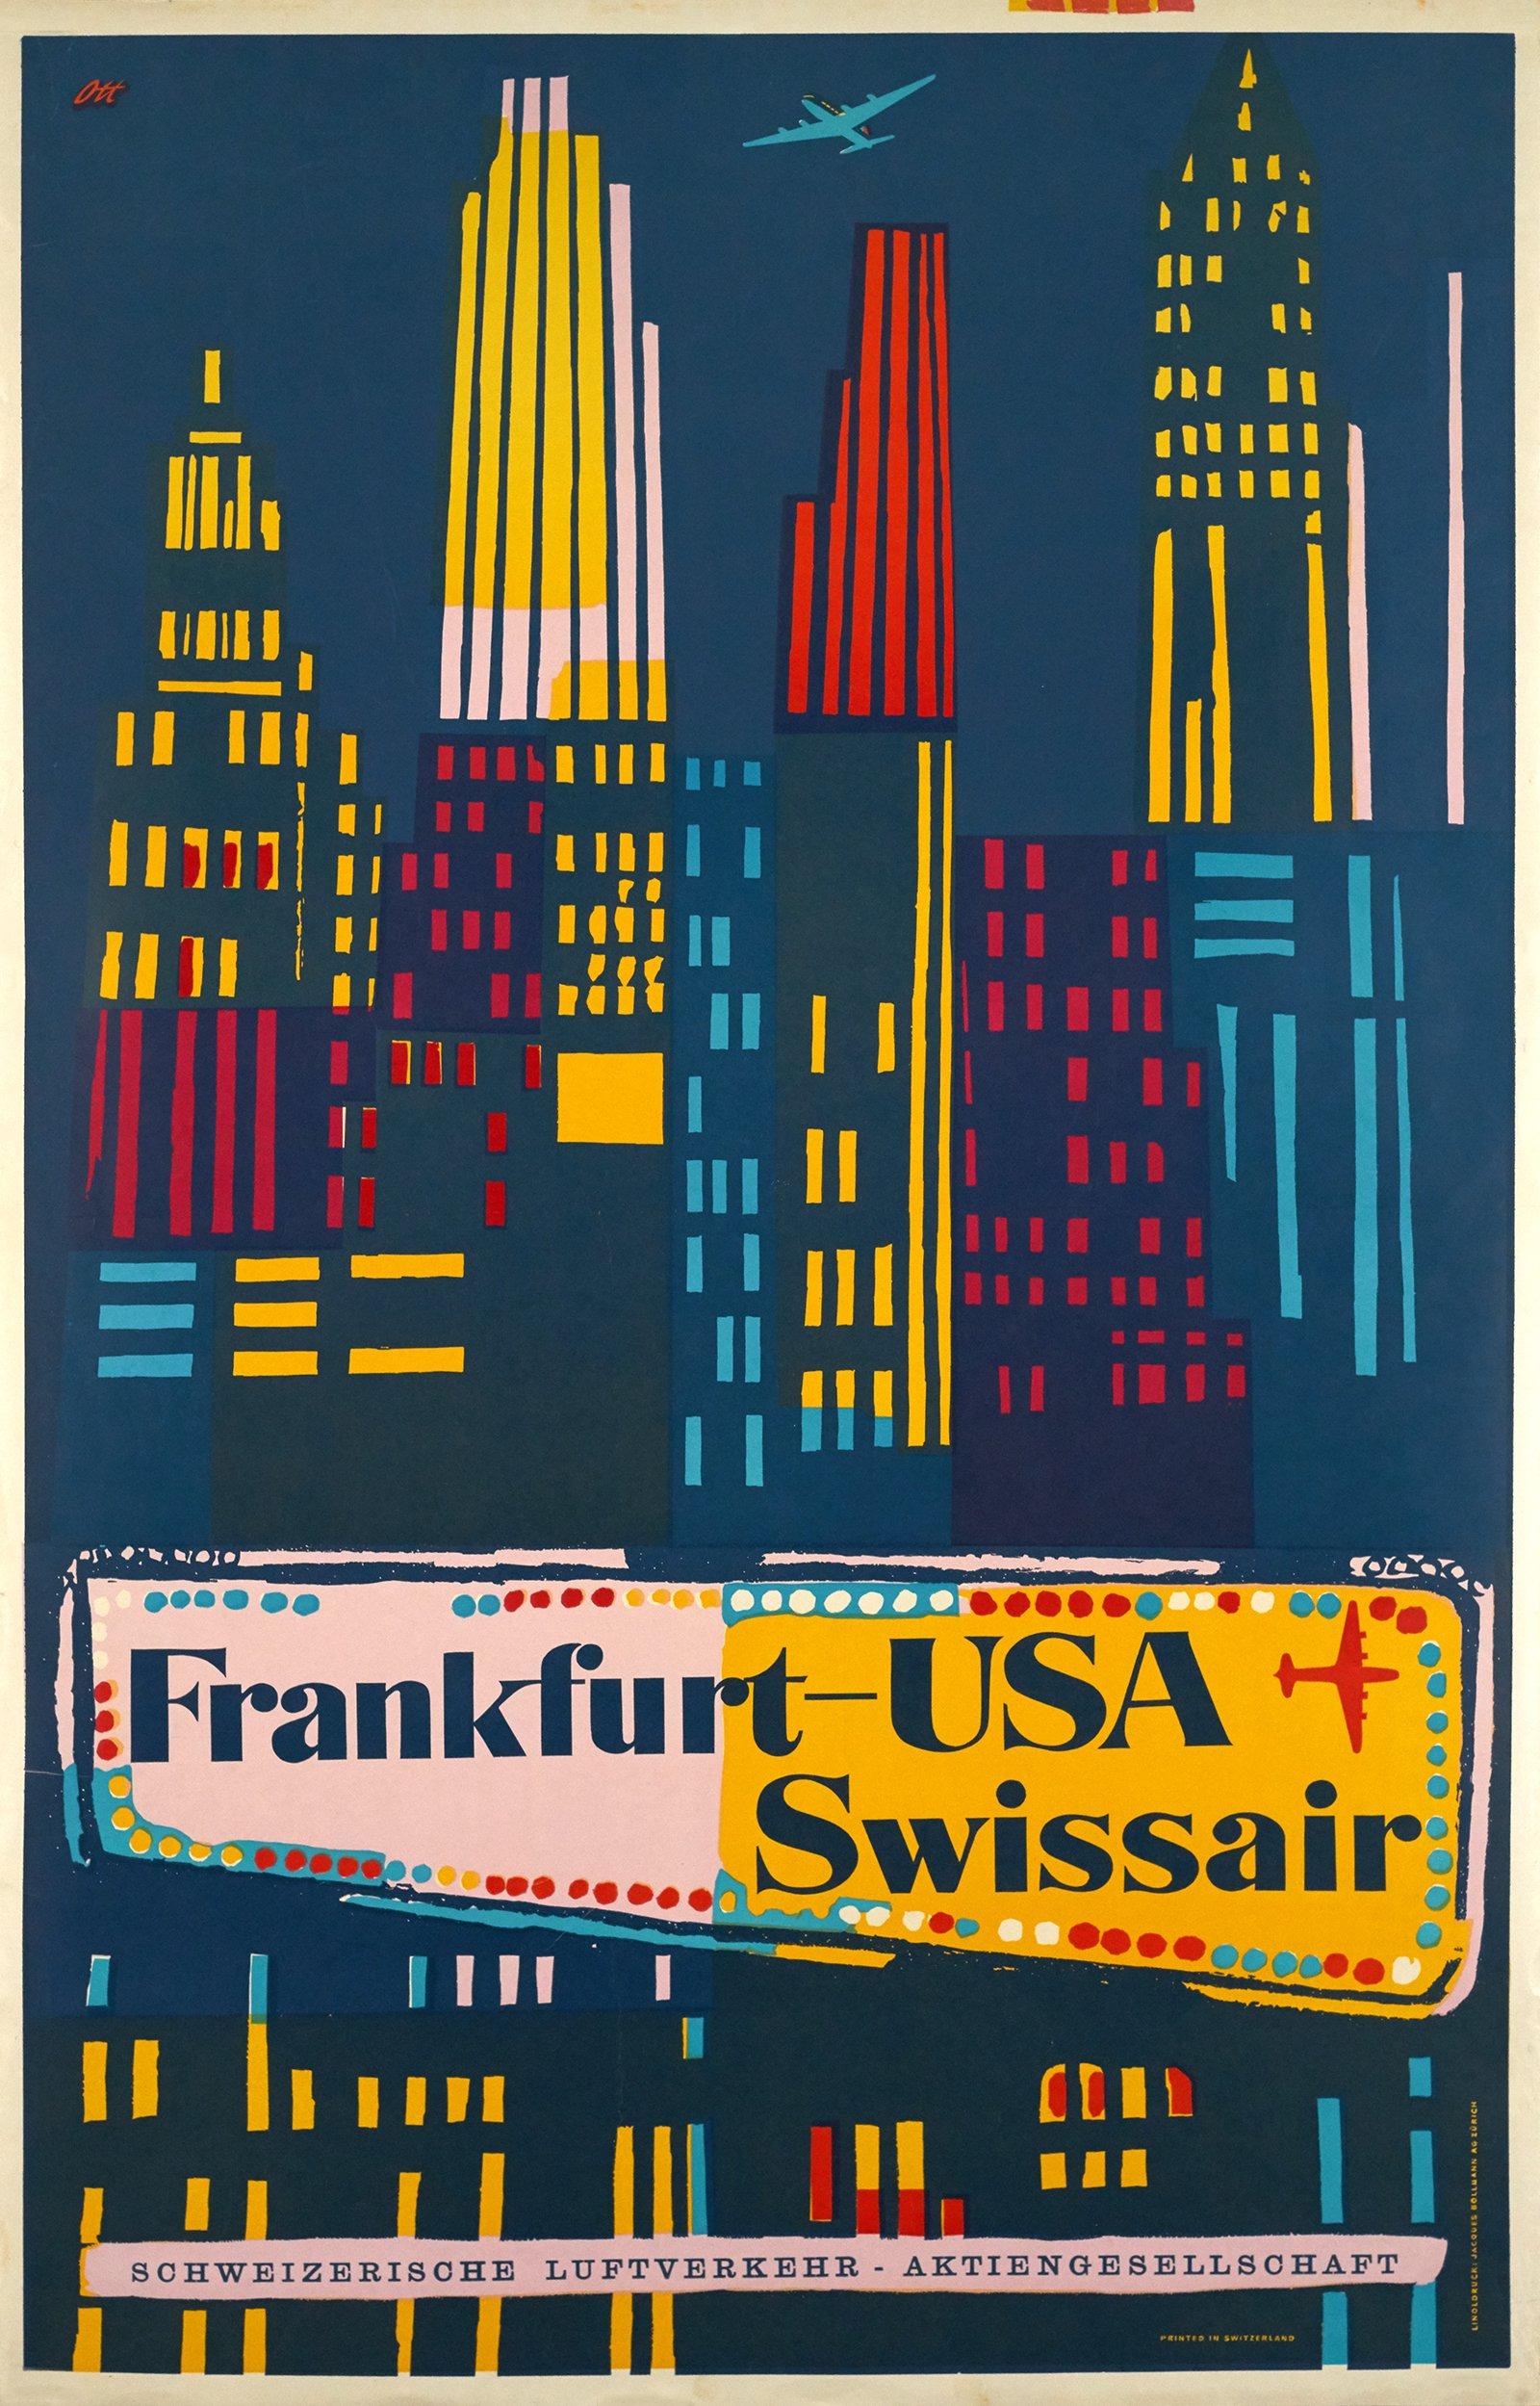 swissair frankfurt usa 31500 allemagne affiche